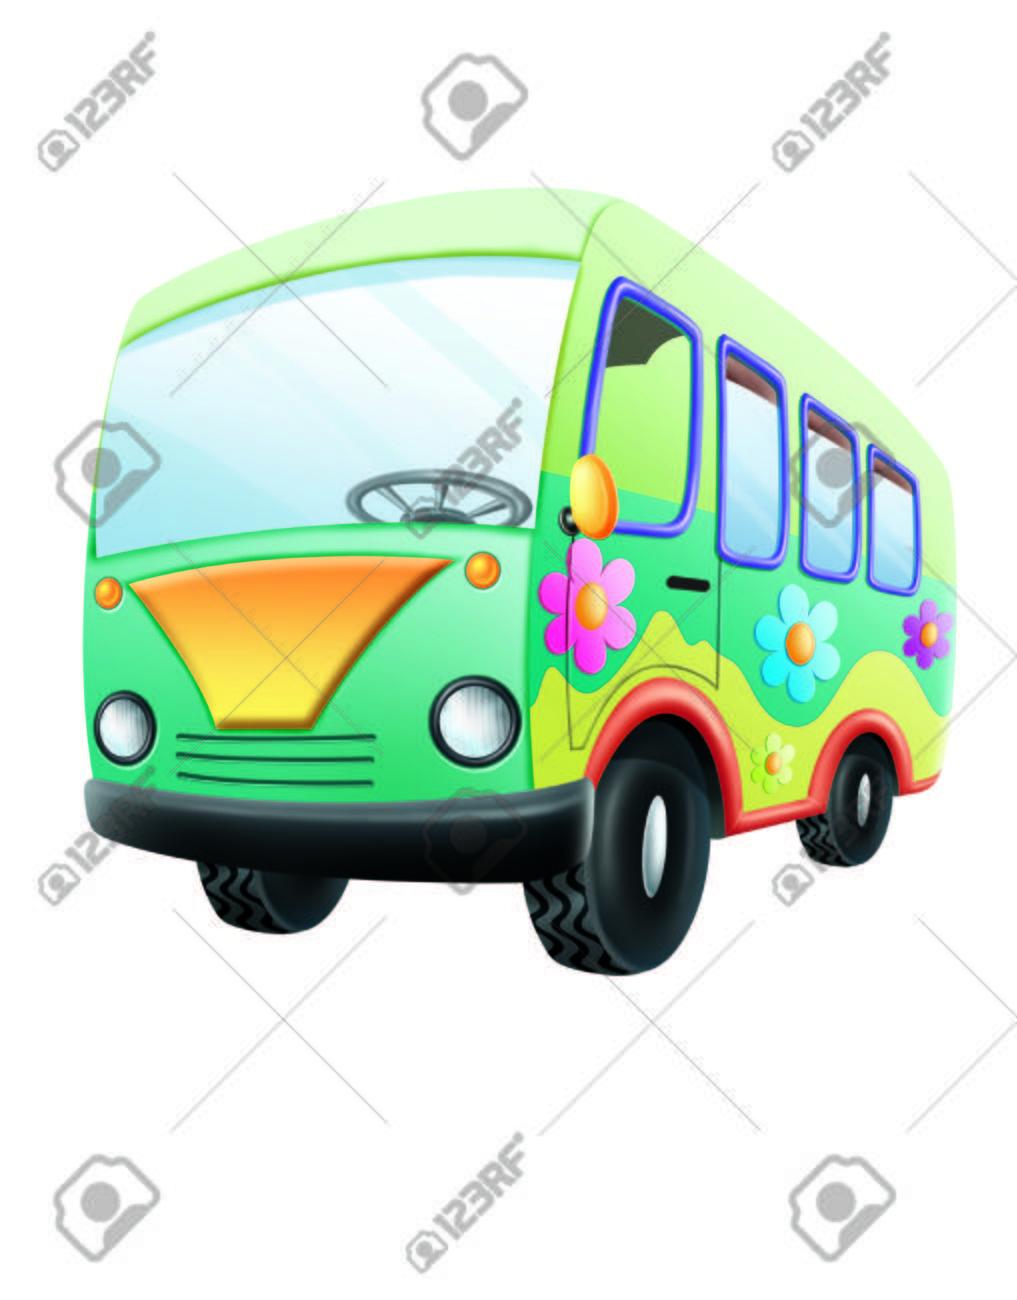 バン バス イラスト の写真素材画像素材 Image 59797110